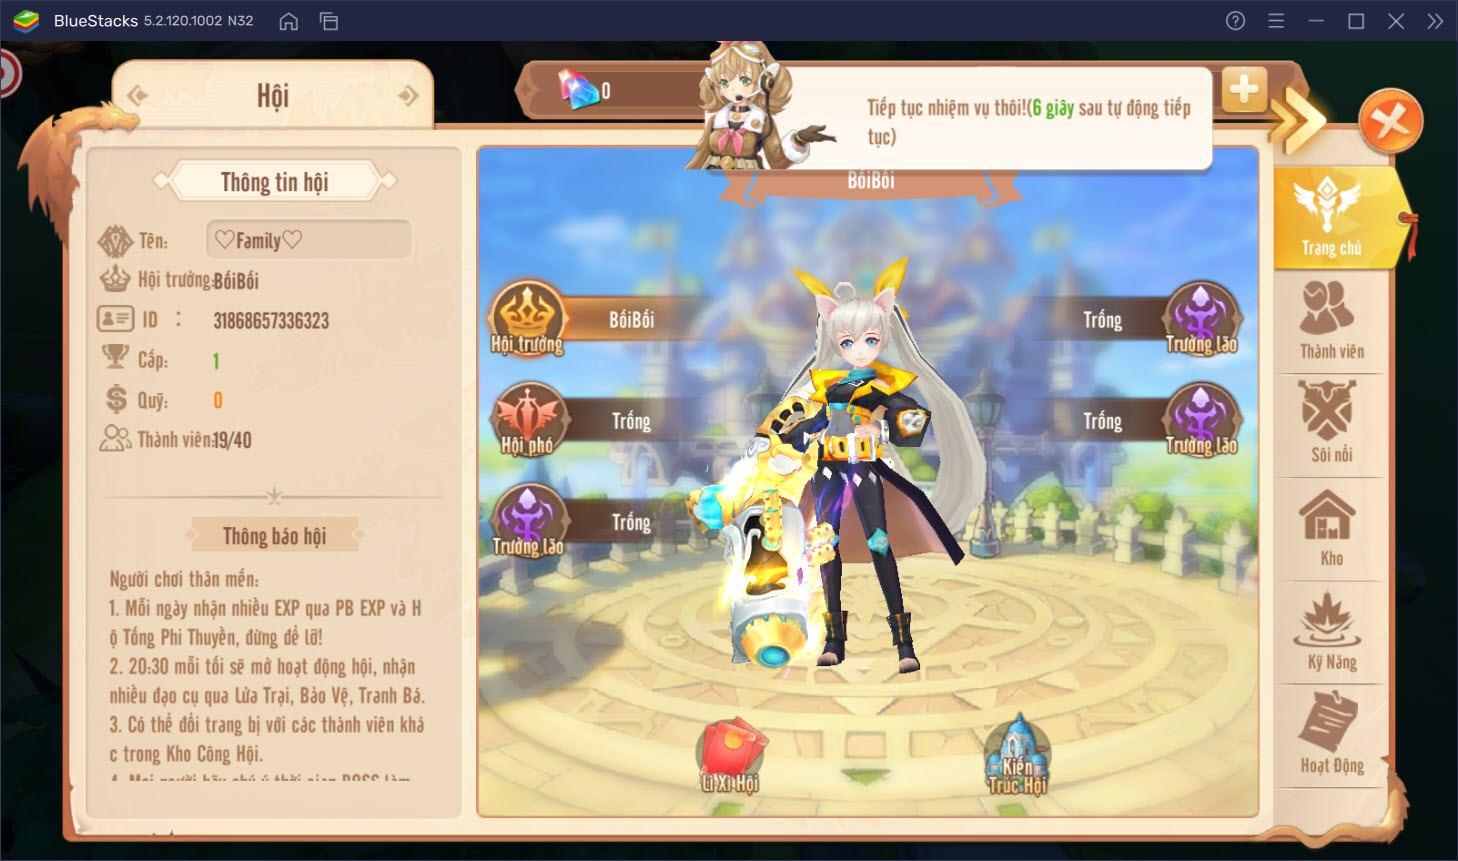 Khám phá vùng đất thần thoại Mật mã Gaia trên PC cùng BlueStacks